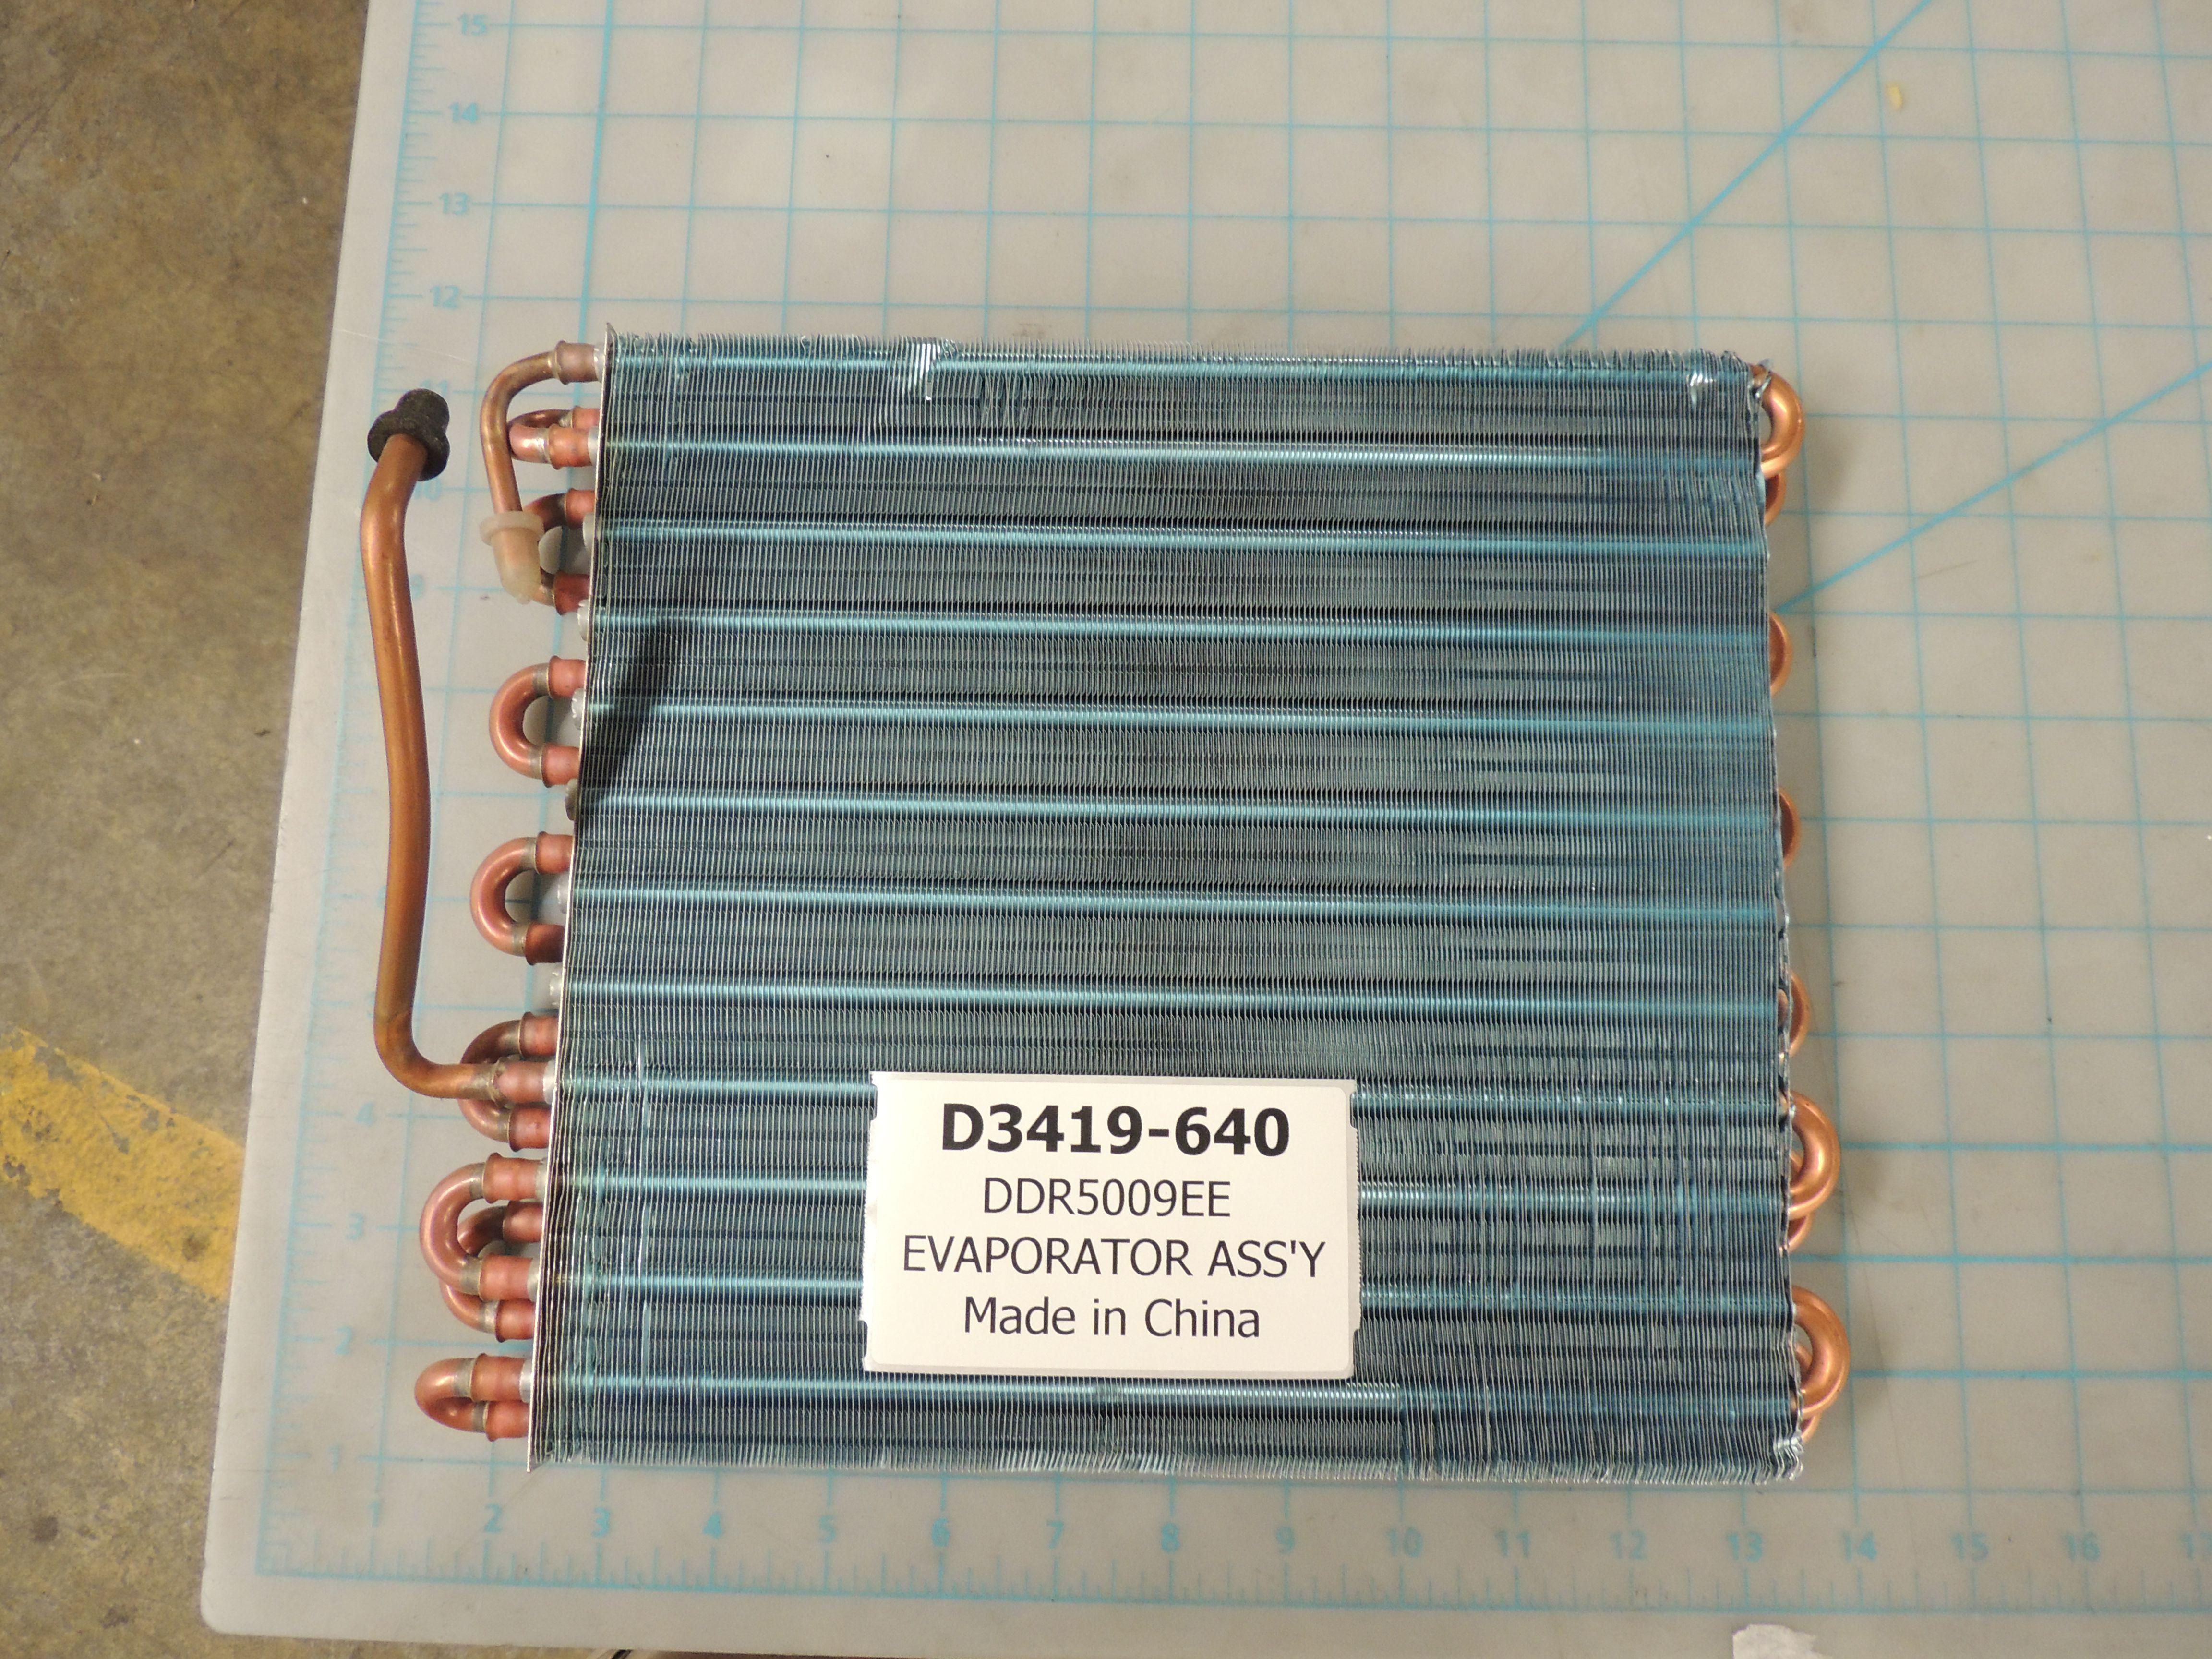 DDR5009EE EVAPORATOR ASS'Y